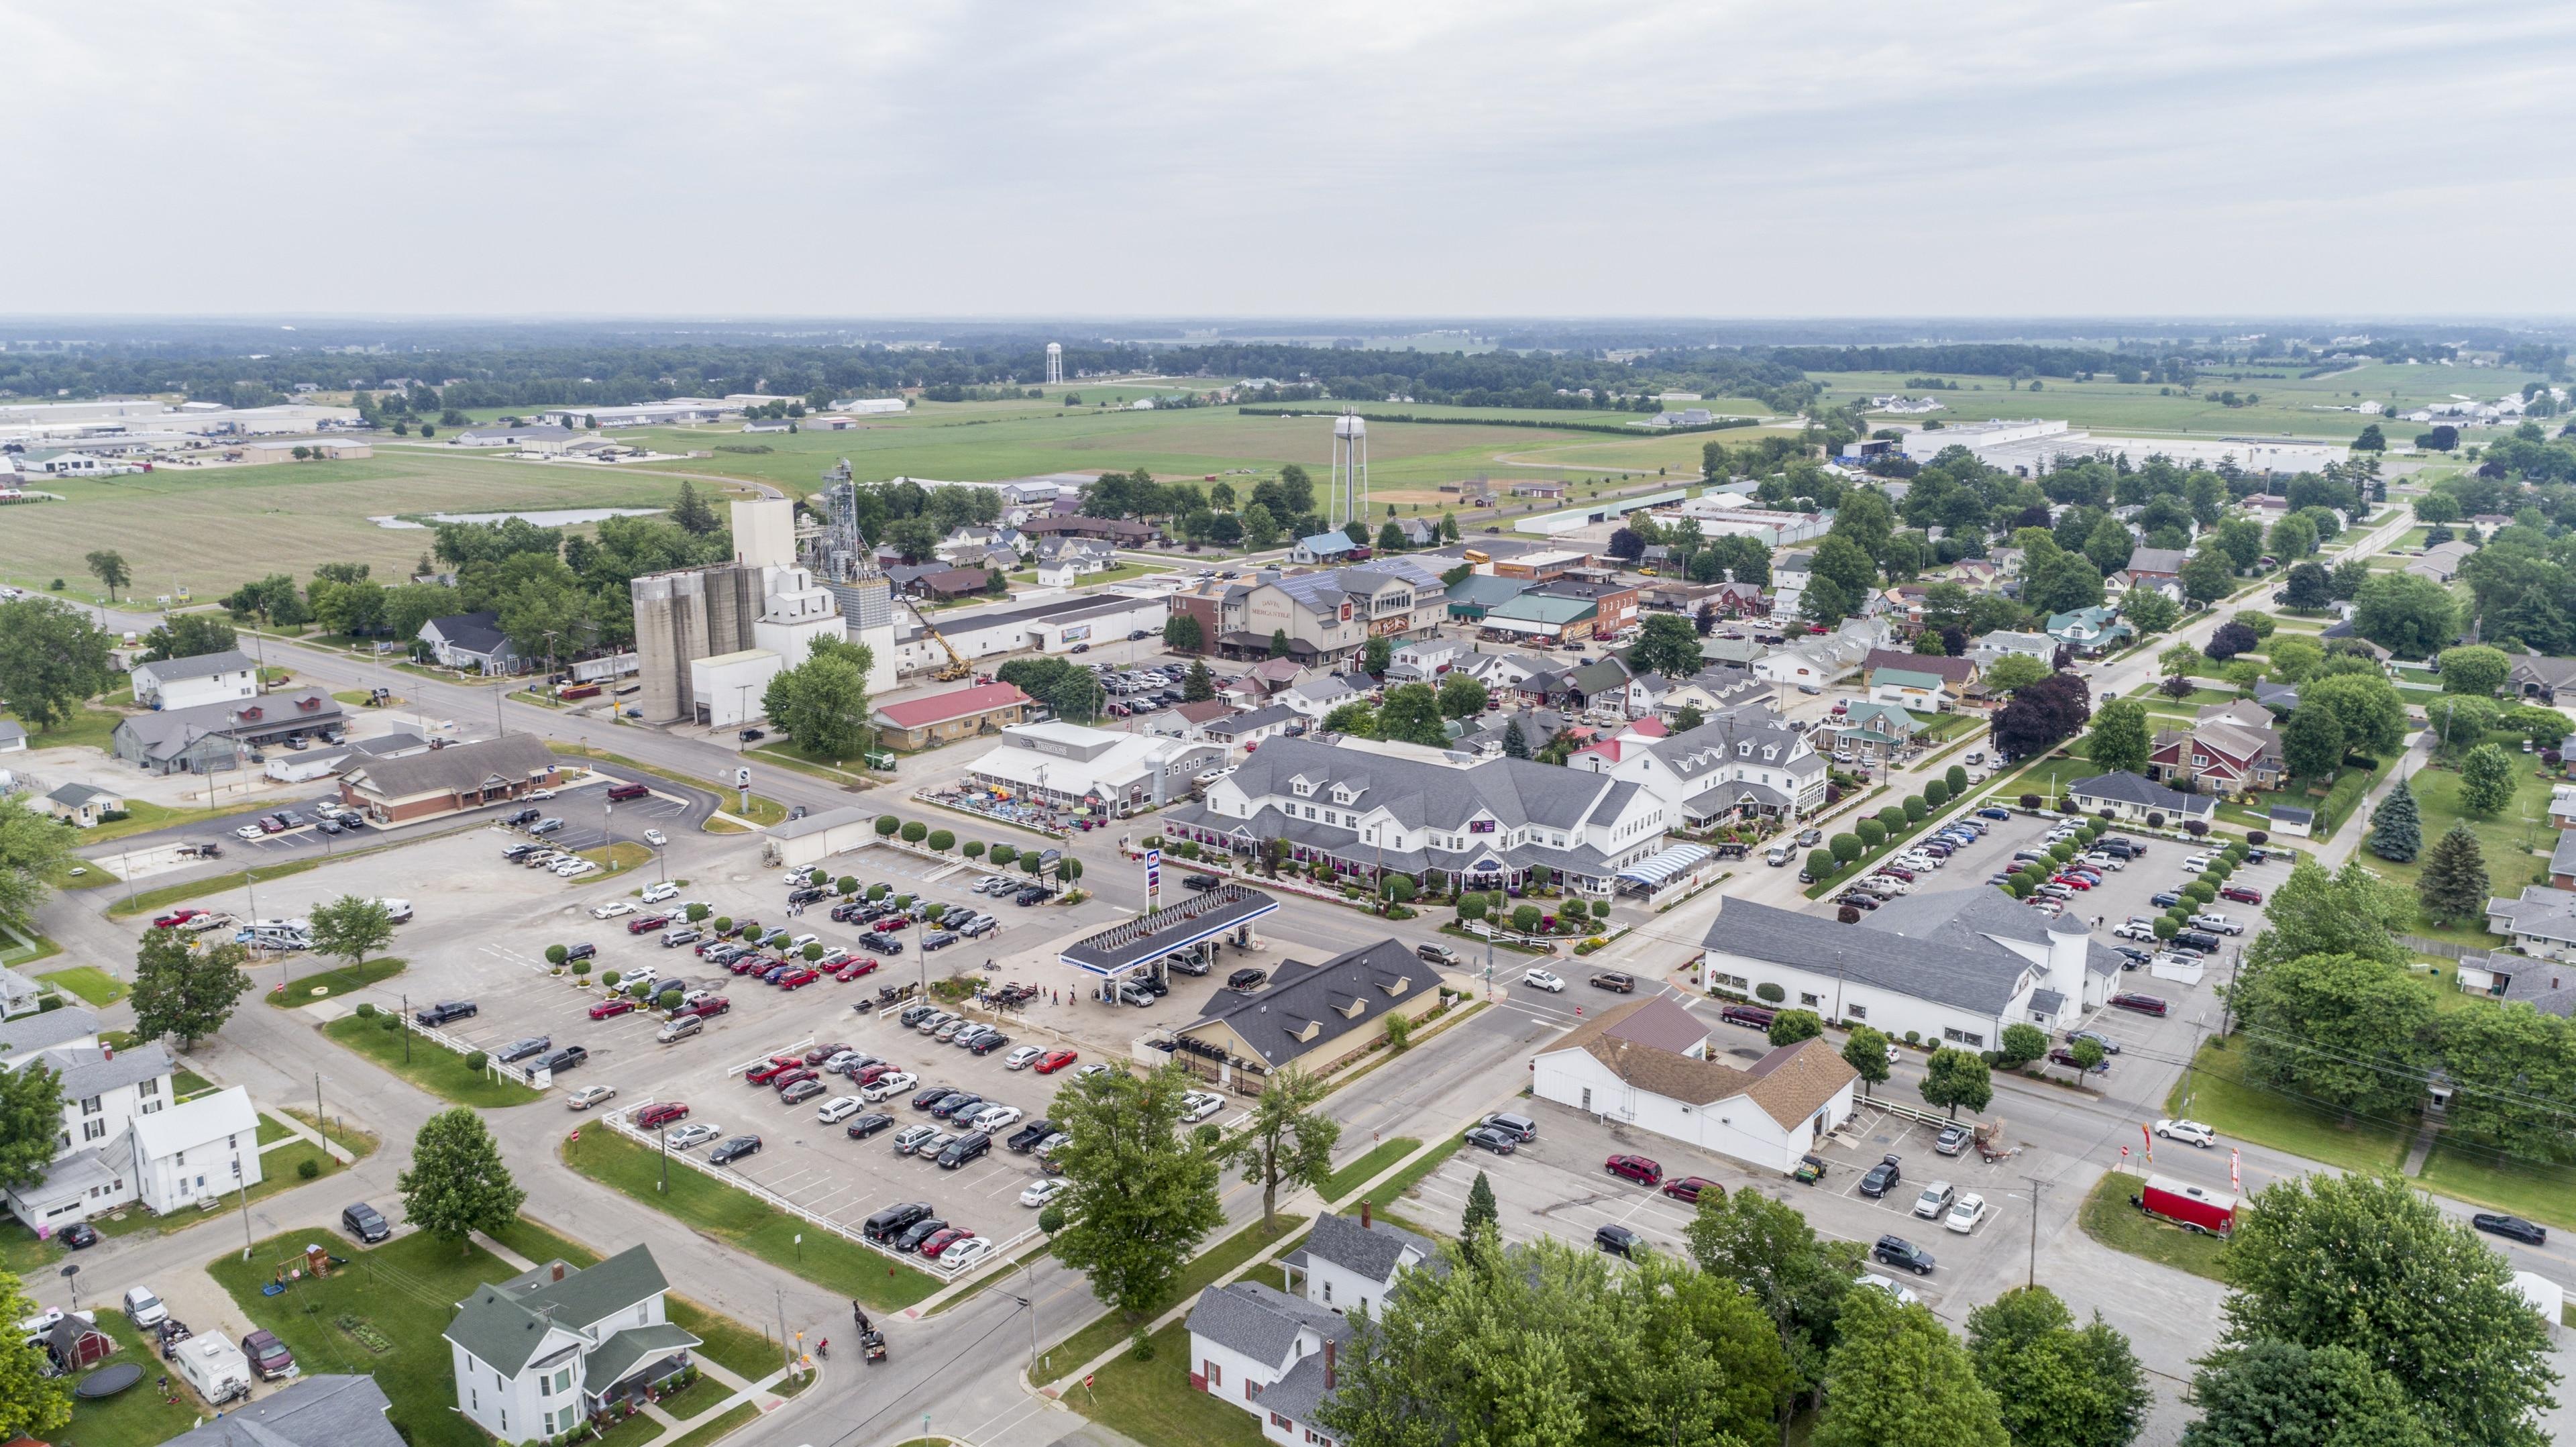 Shipshewana, Indiana, United States of America